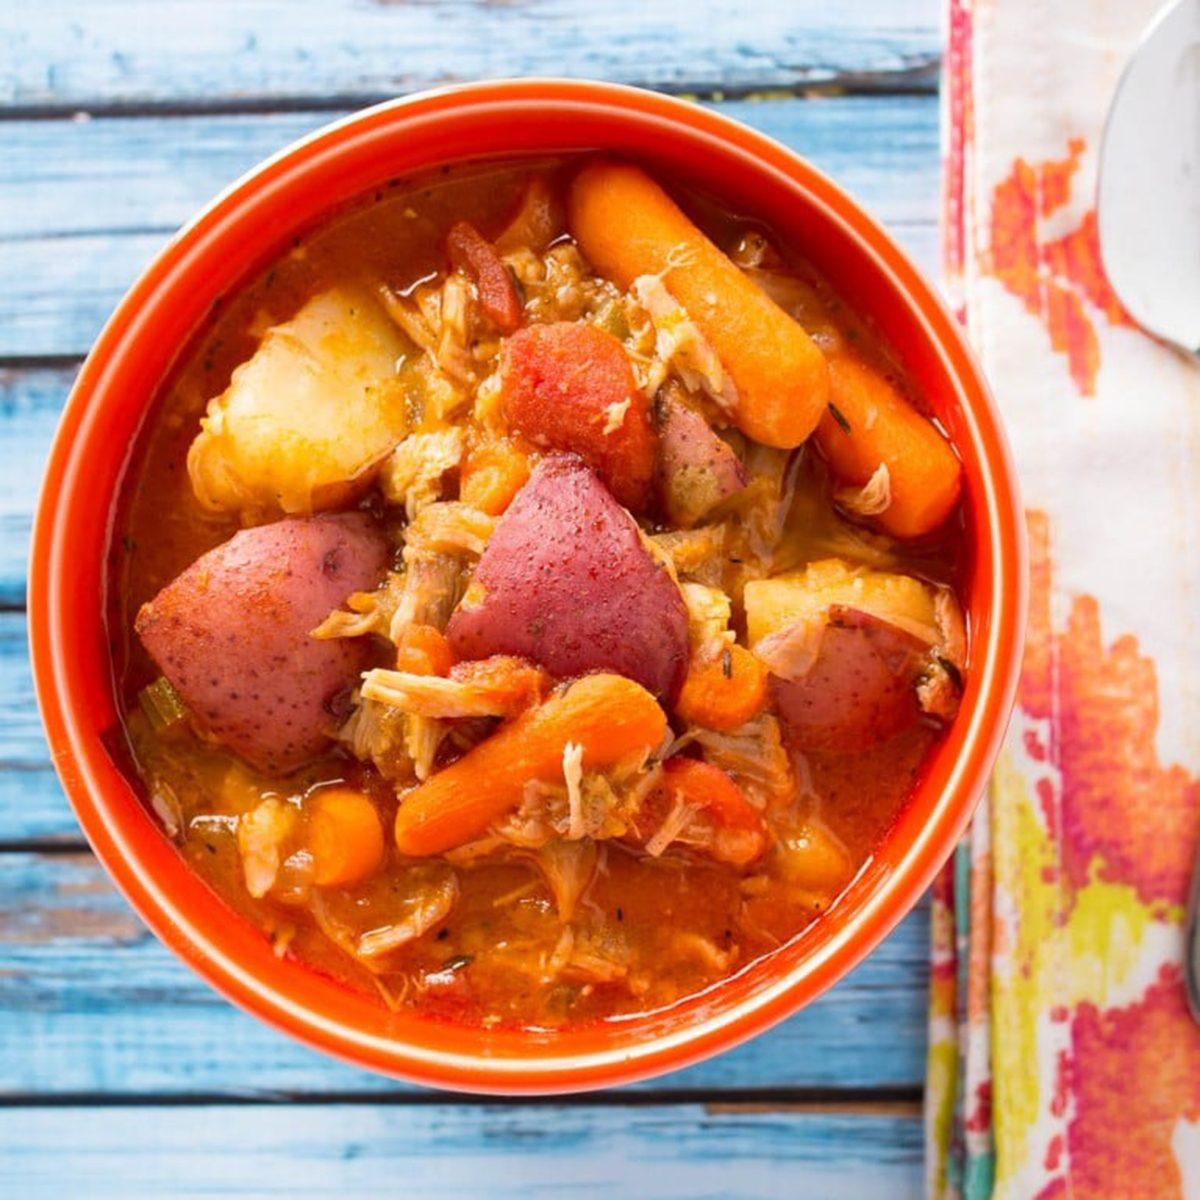 Pressure-Cooker-Chicken-Stew-1000489-768x1023